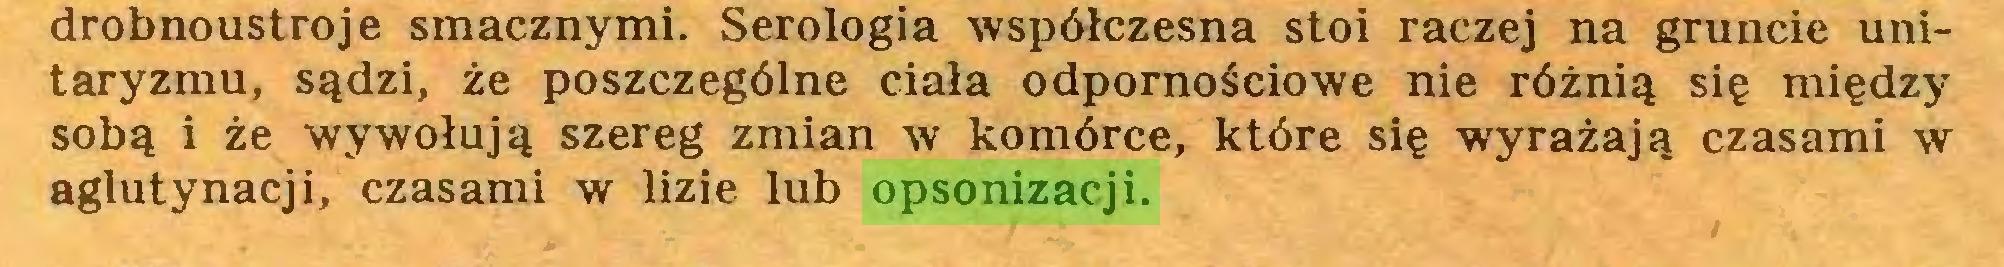 (...) drobnoustroje smacznymi. Serologia współczesna stoi raczej na gruncie unitaryzmu, sądzi, że poszczególne ciała odpornościowe nie różnią się między sobą i że wywołują szereg zmian w komórce, które się wyrażają czasami w aglutynacji, czasami w lizie lub opsonizacji...